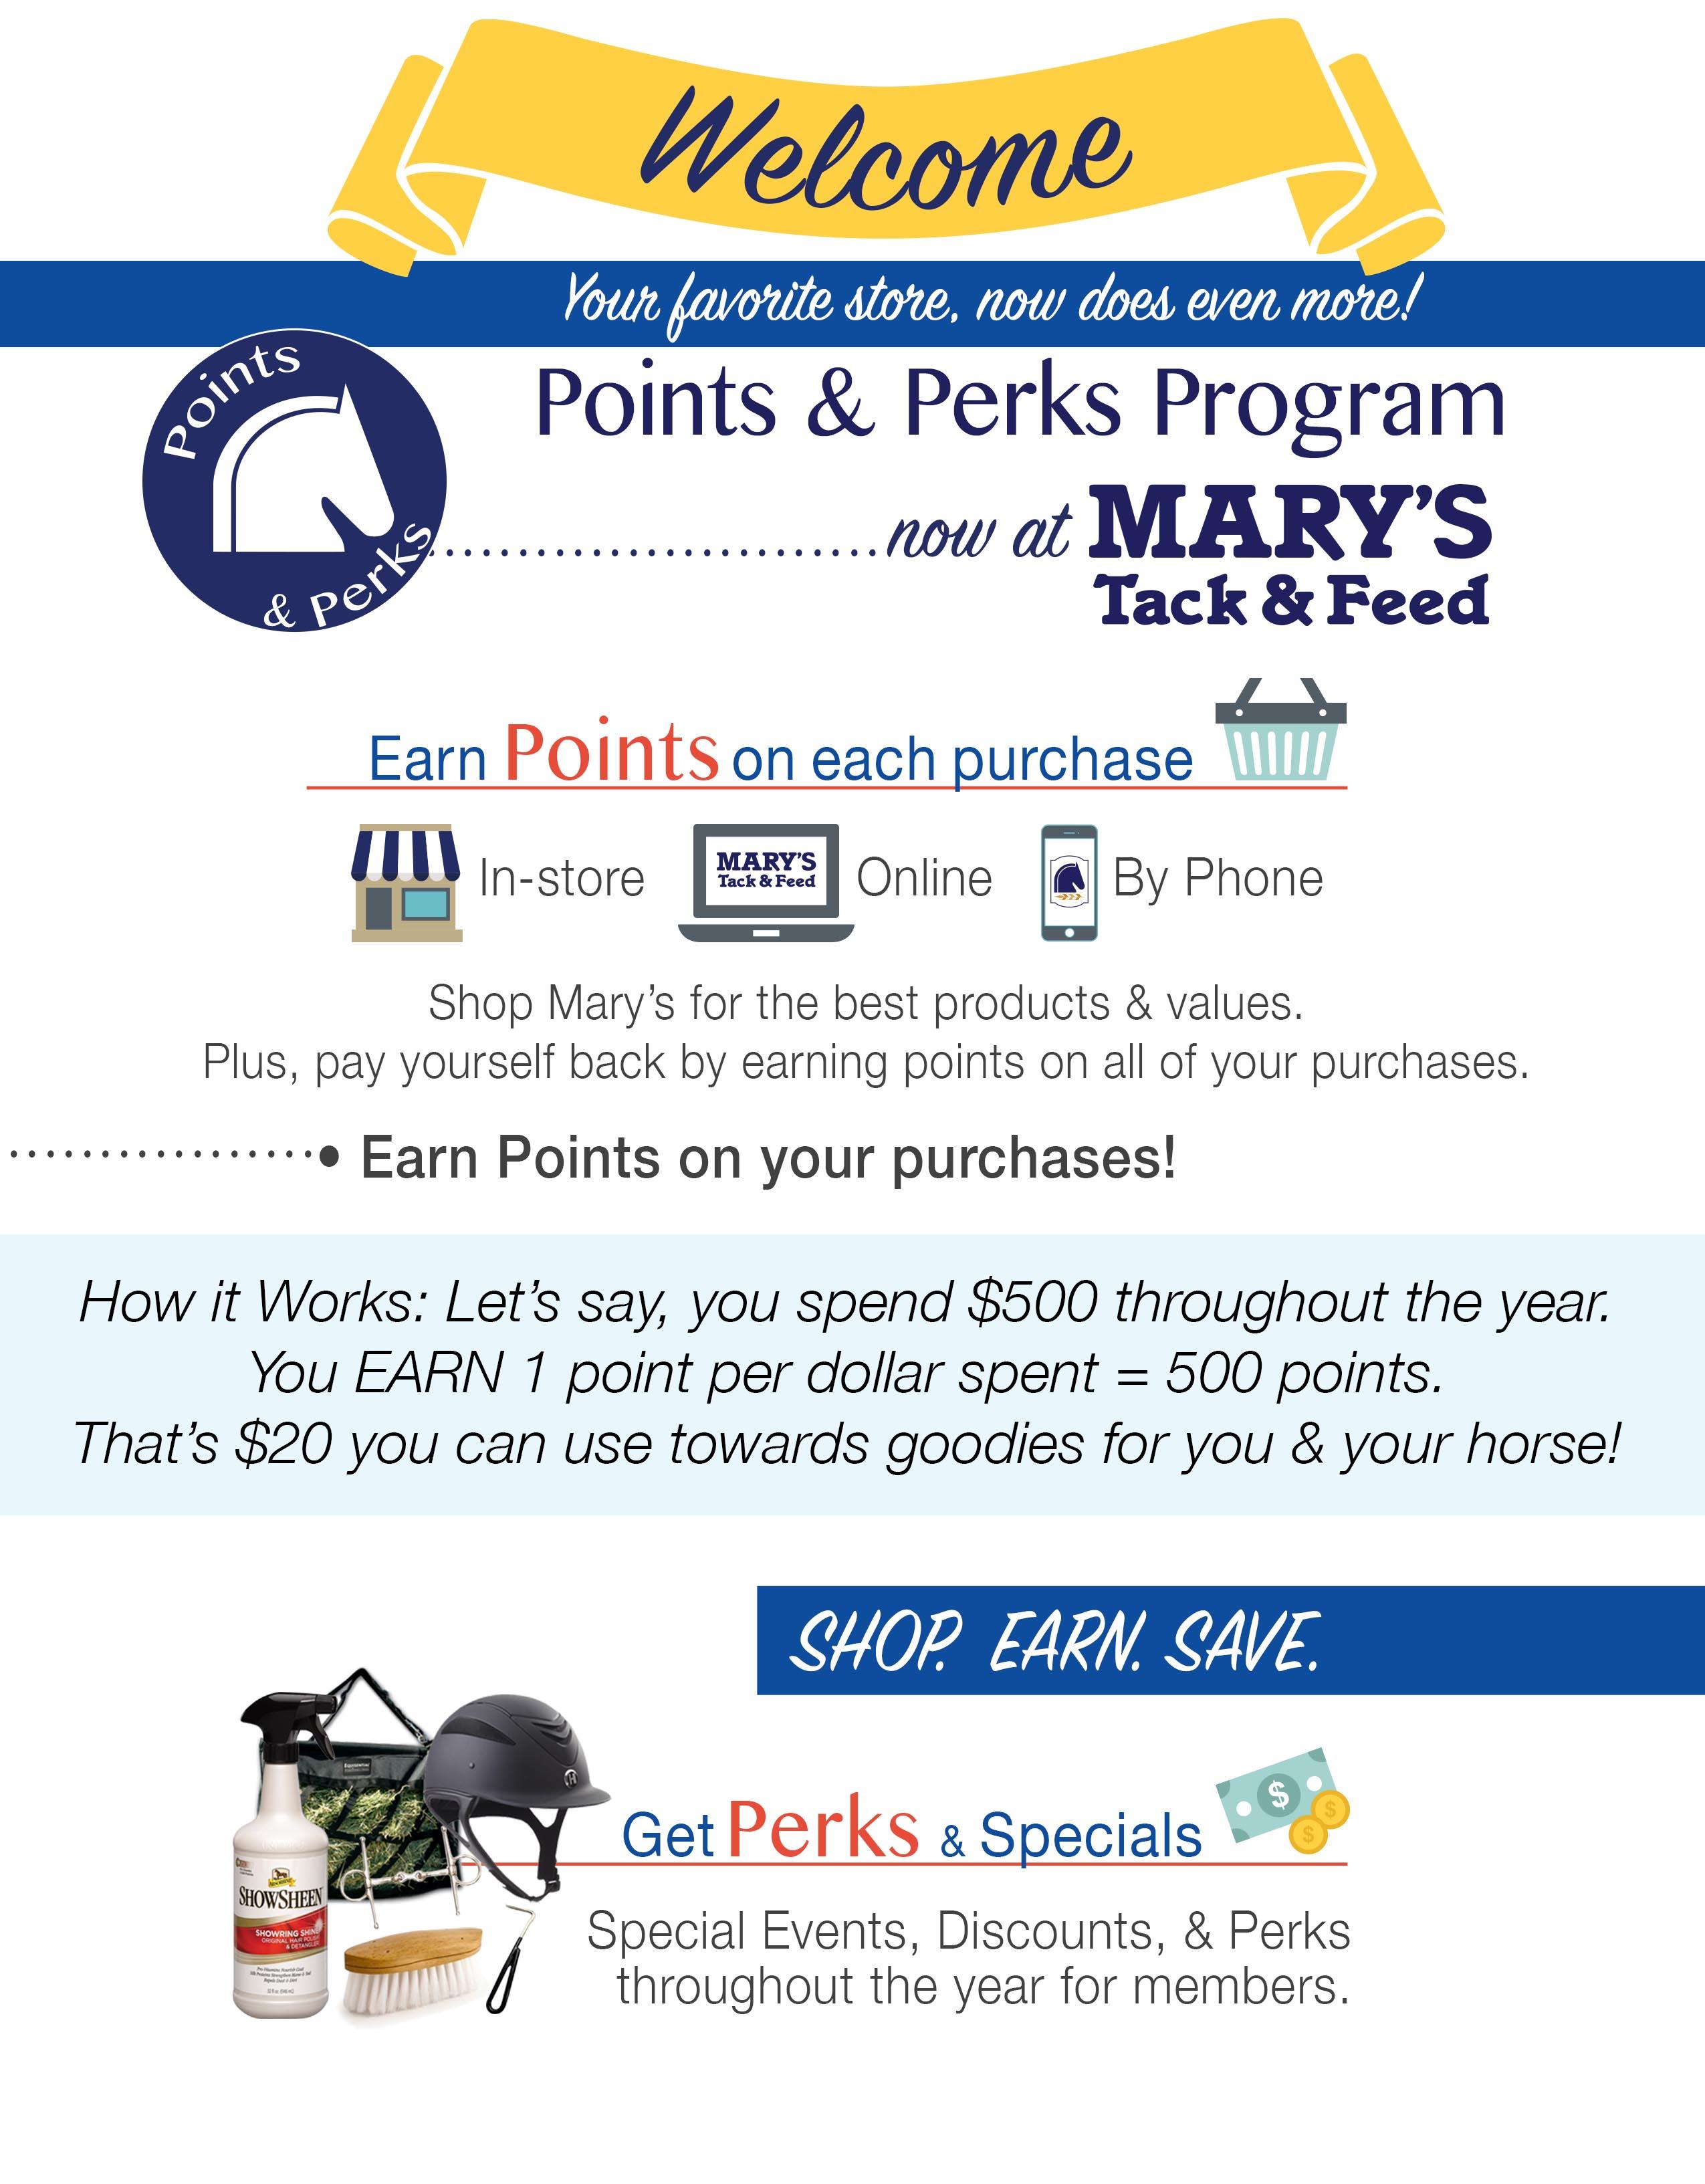 Points & Points Program